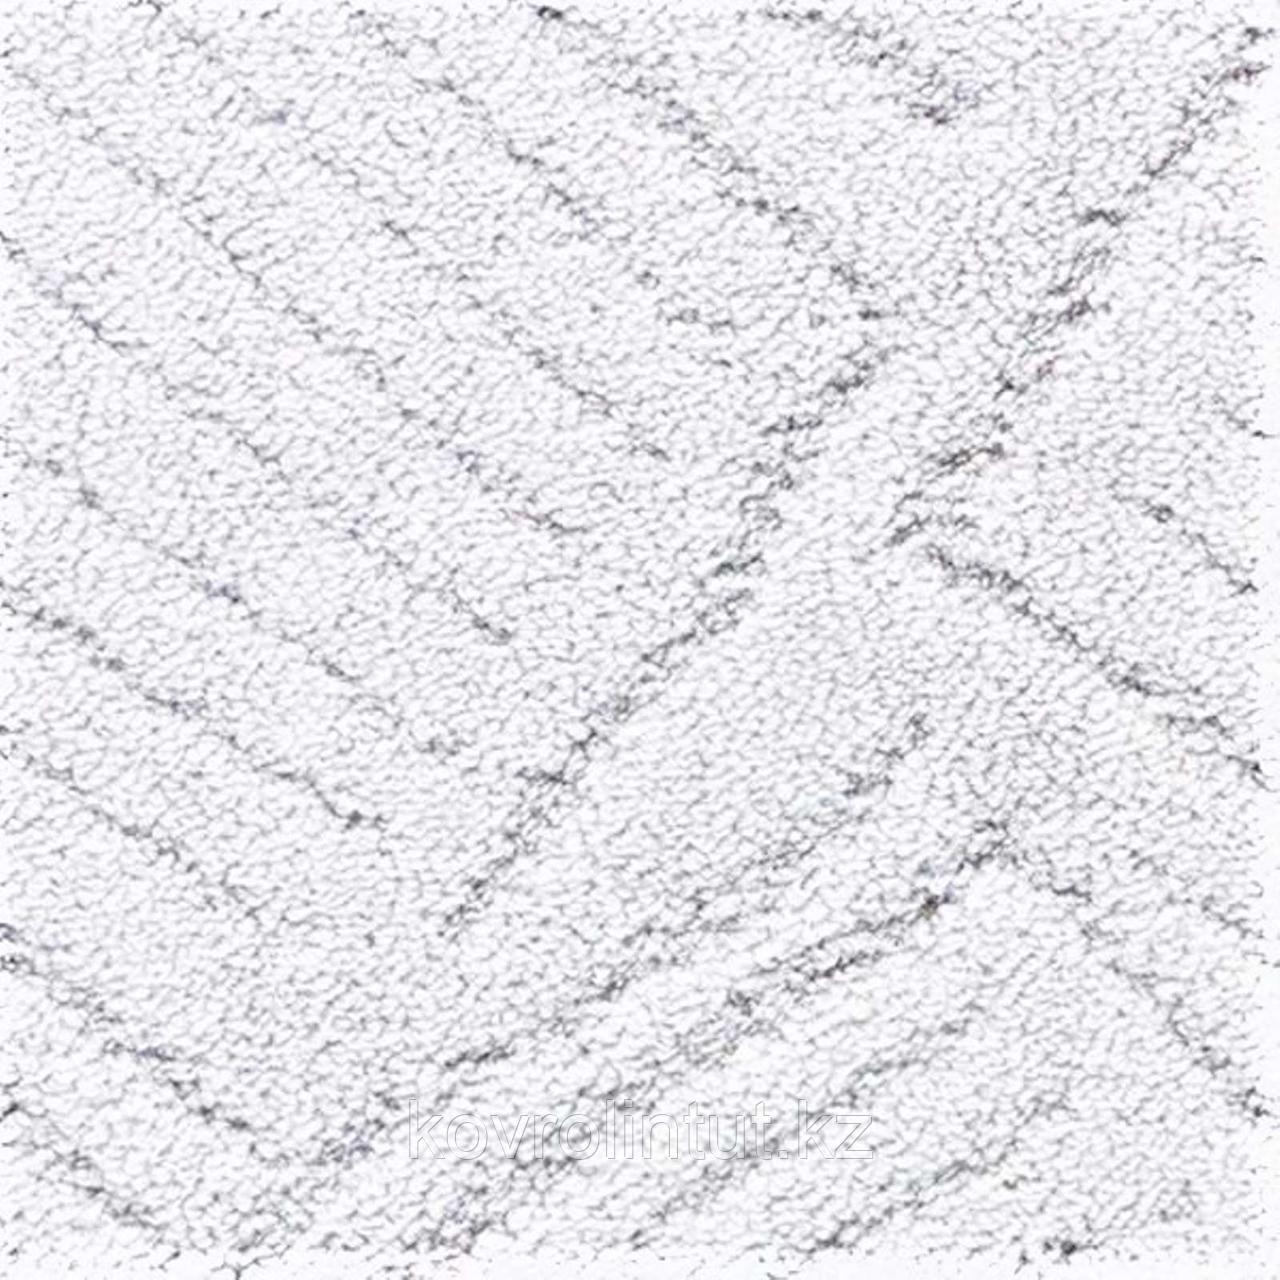 Ковровое покрытие ITC HARVESTER 33 белый 4 м